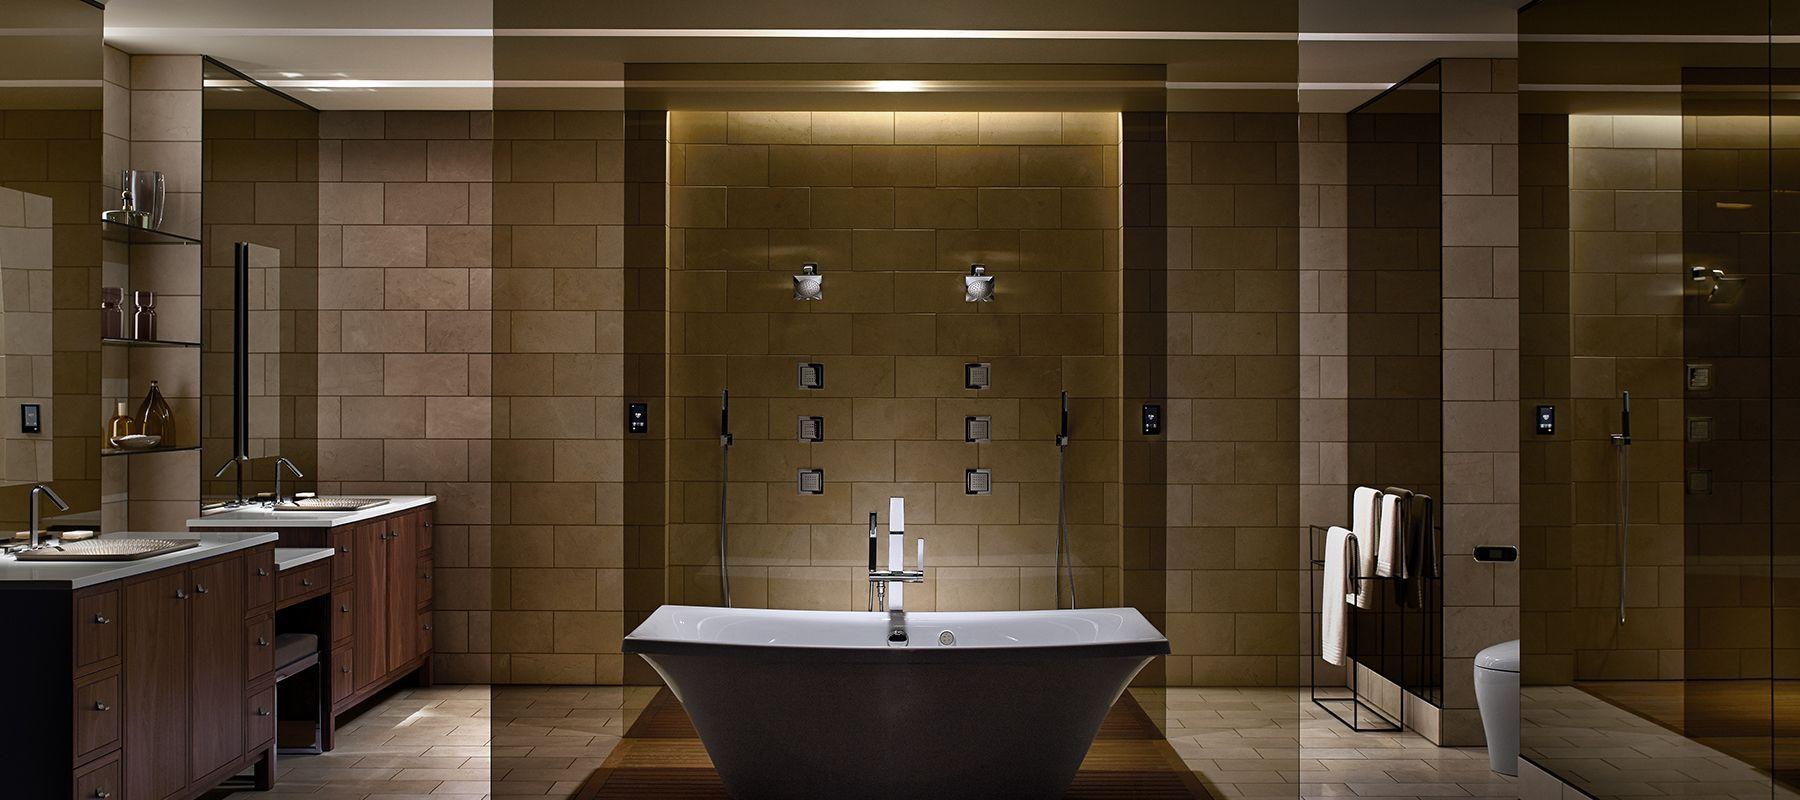 Drop-in Bathtubs, Whirlpool, Bathing Products | Bathroom | KOHLER ...